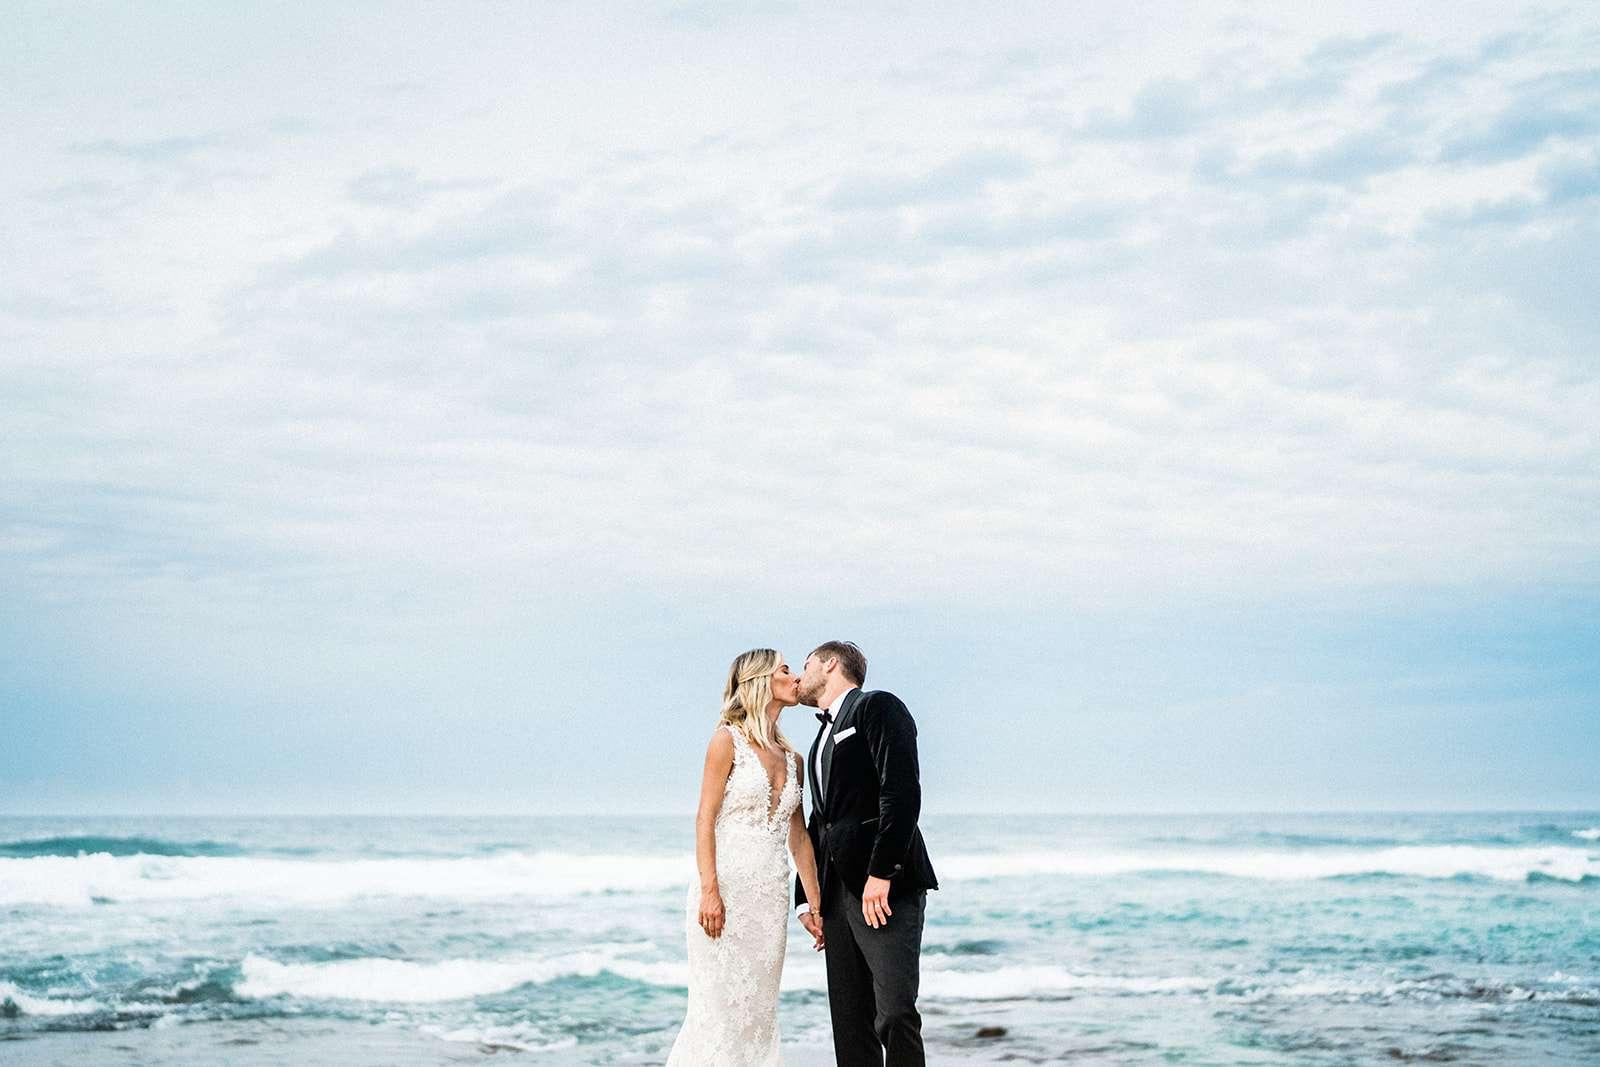 bride and groom in front of ocean